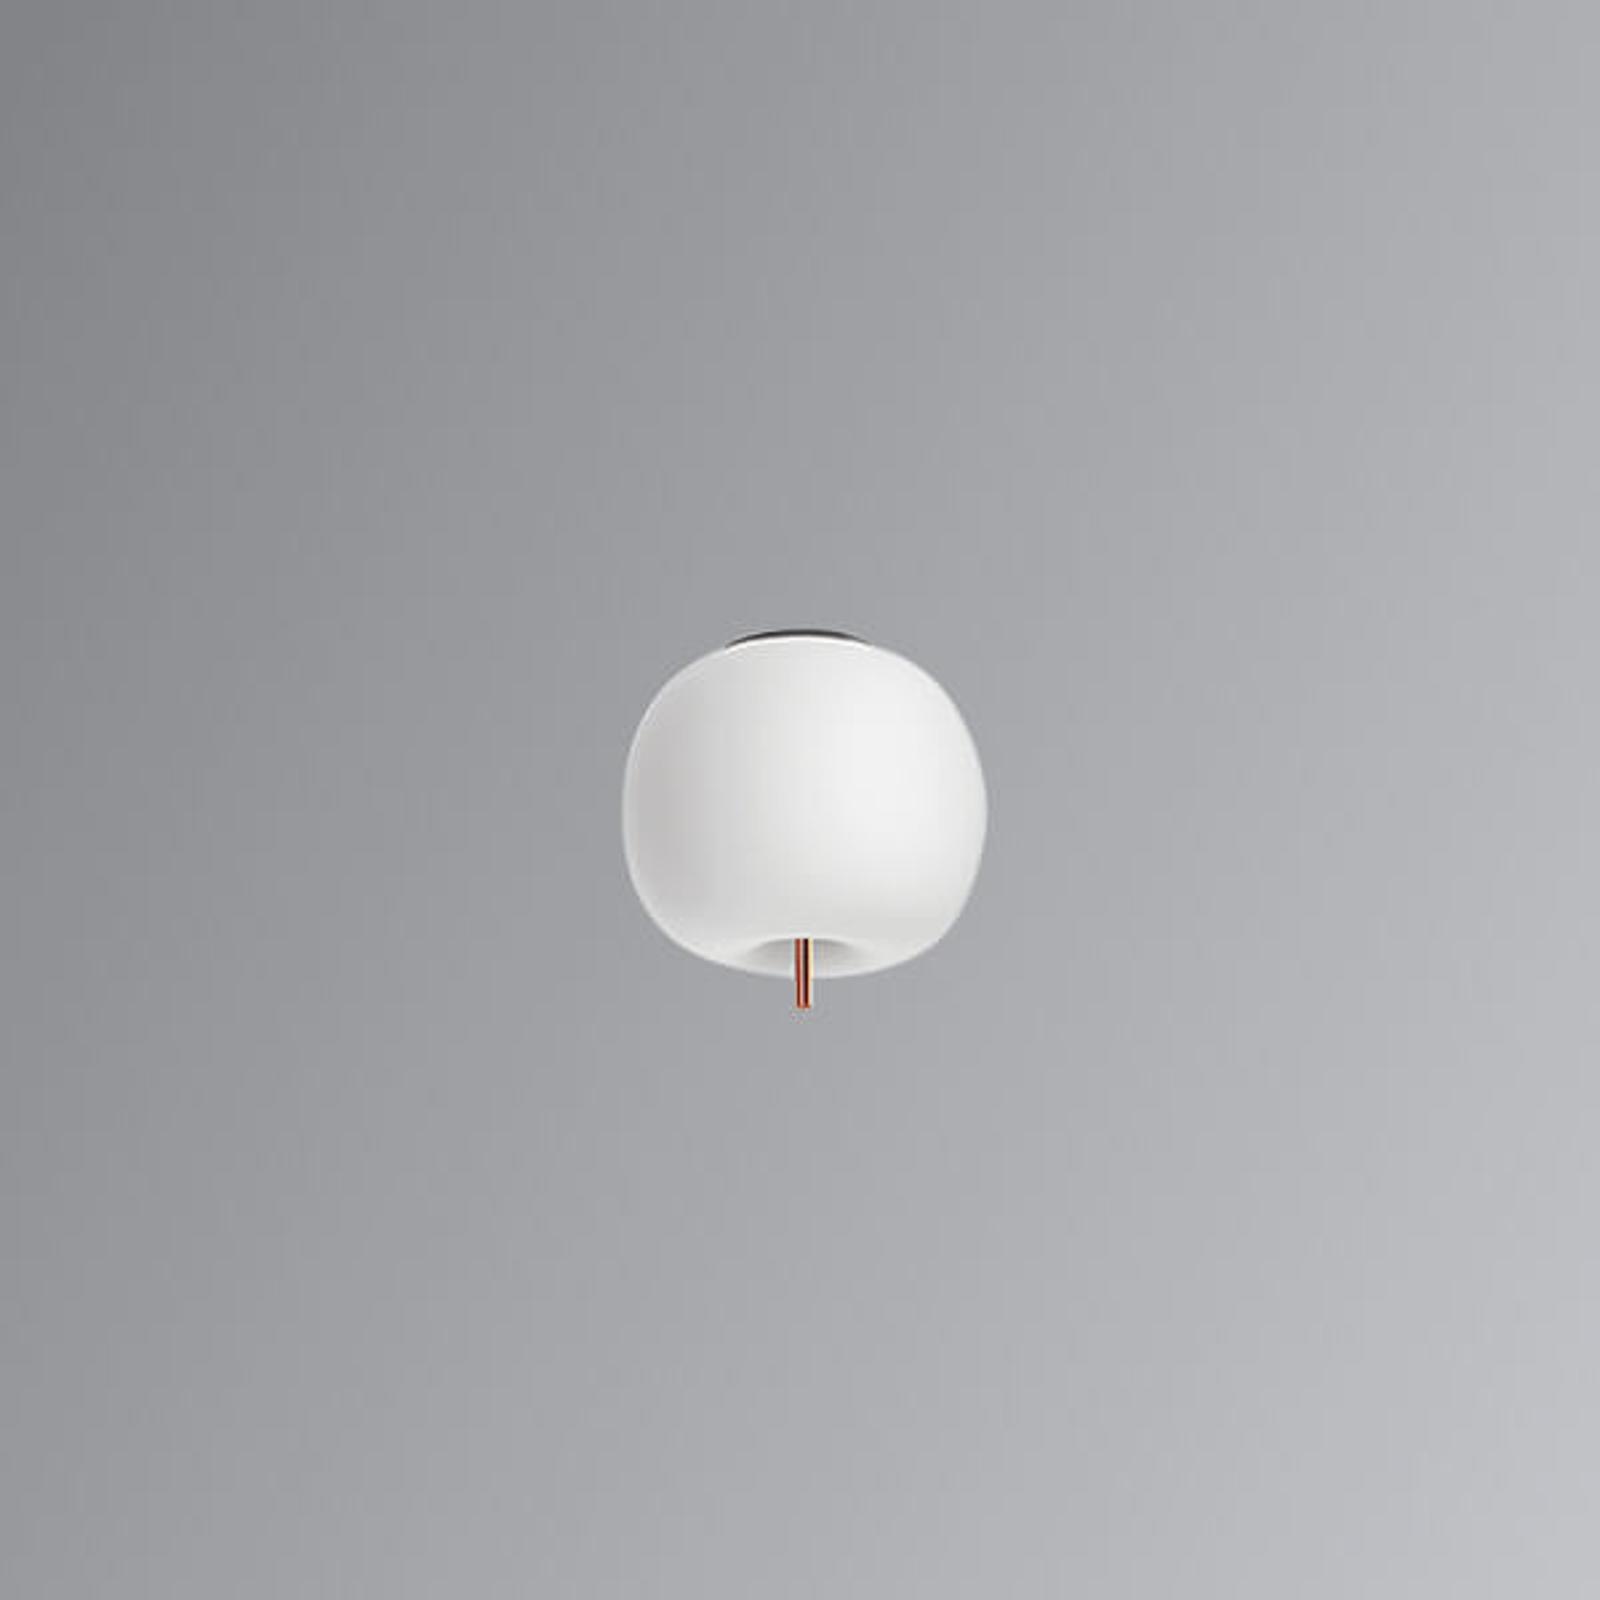 Kundalini Kushi - LED-taklampe kobber 16 cm